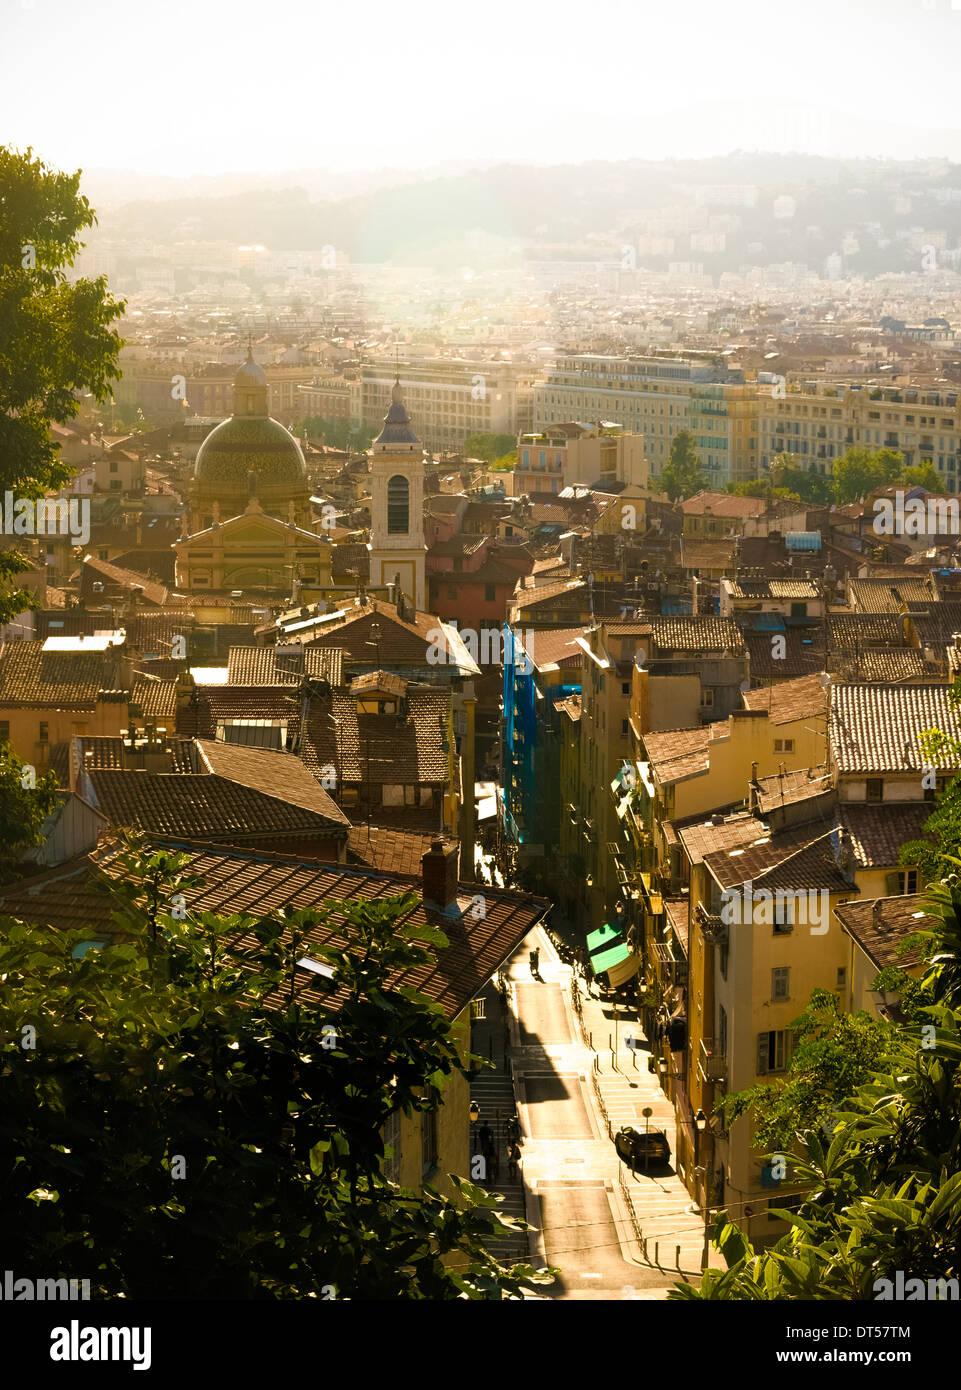 Vue sur la vieille ville de Nice, Alpes Maritimes, France avec la Cathédrale Sainte Reparate dans l'arrière-plan Photo Stock